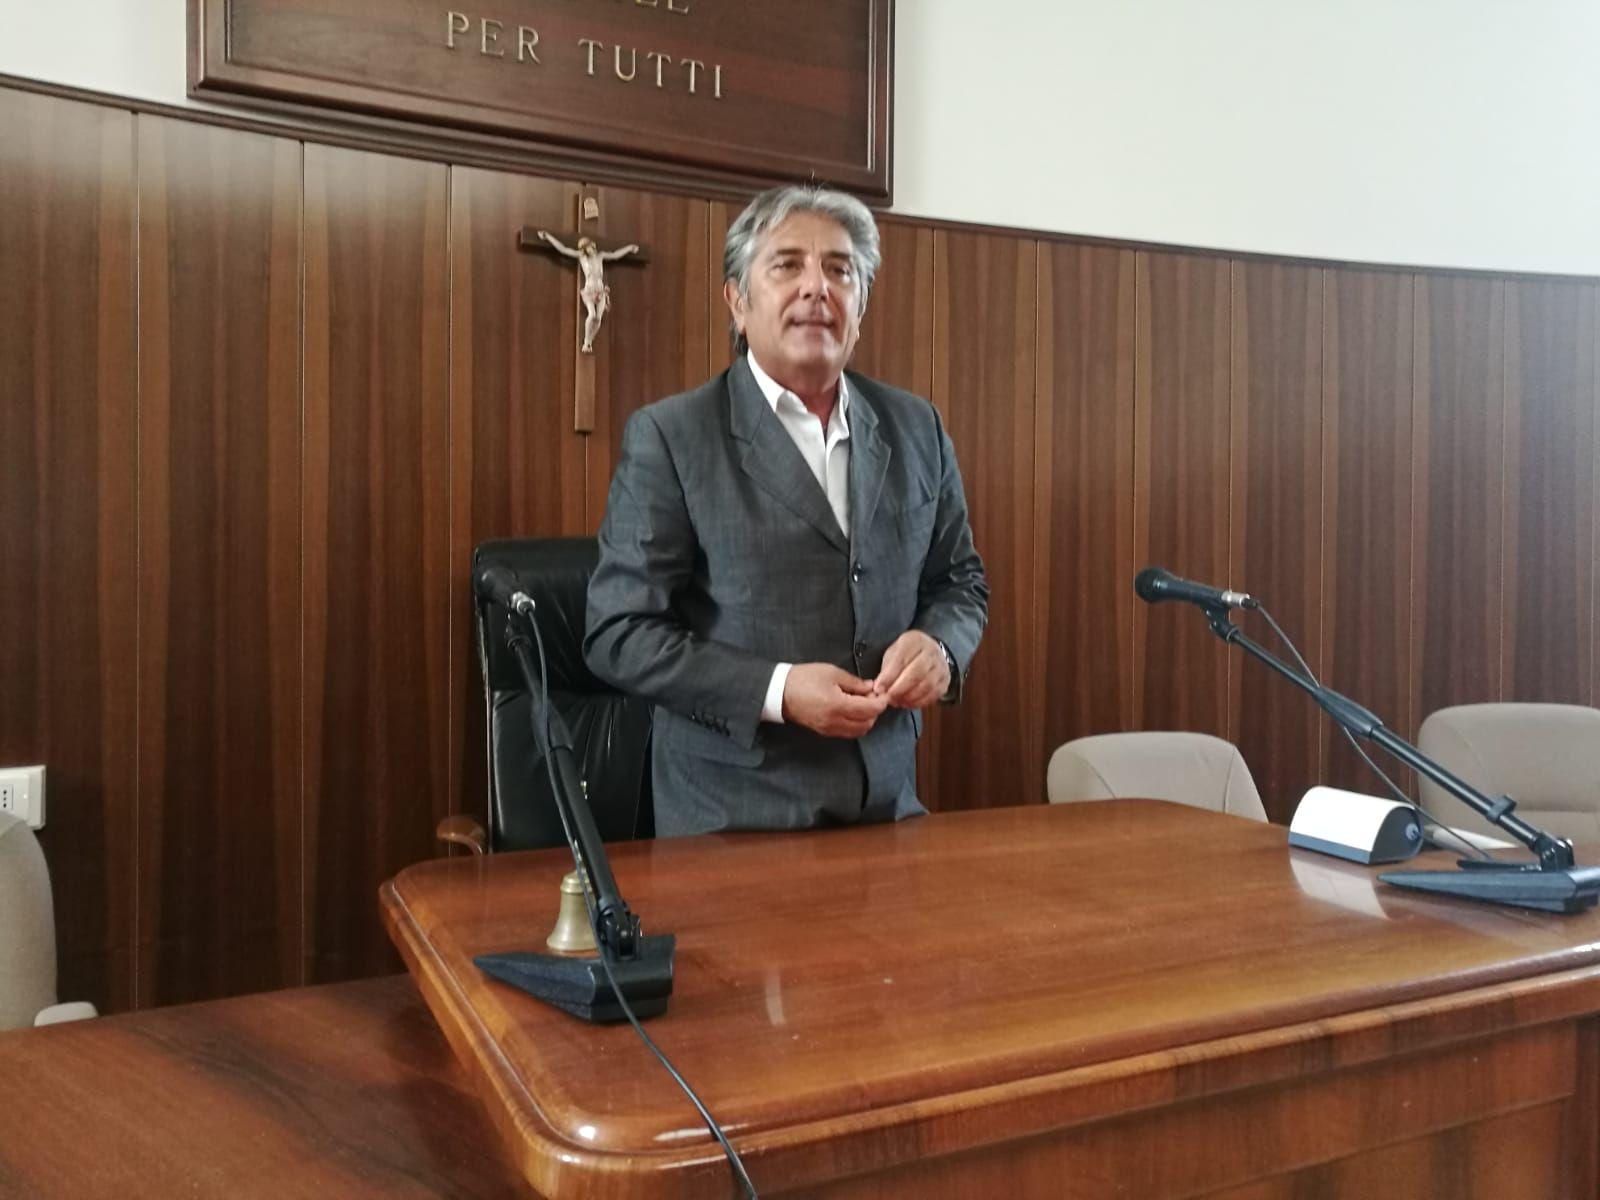 Camera penale per tutelare il giusto processo